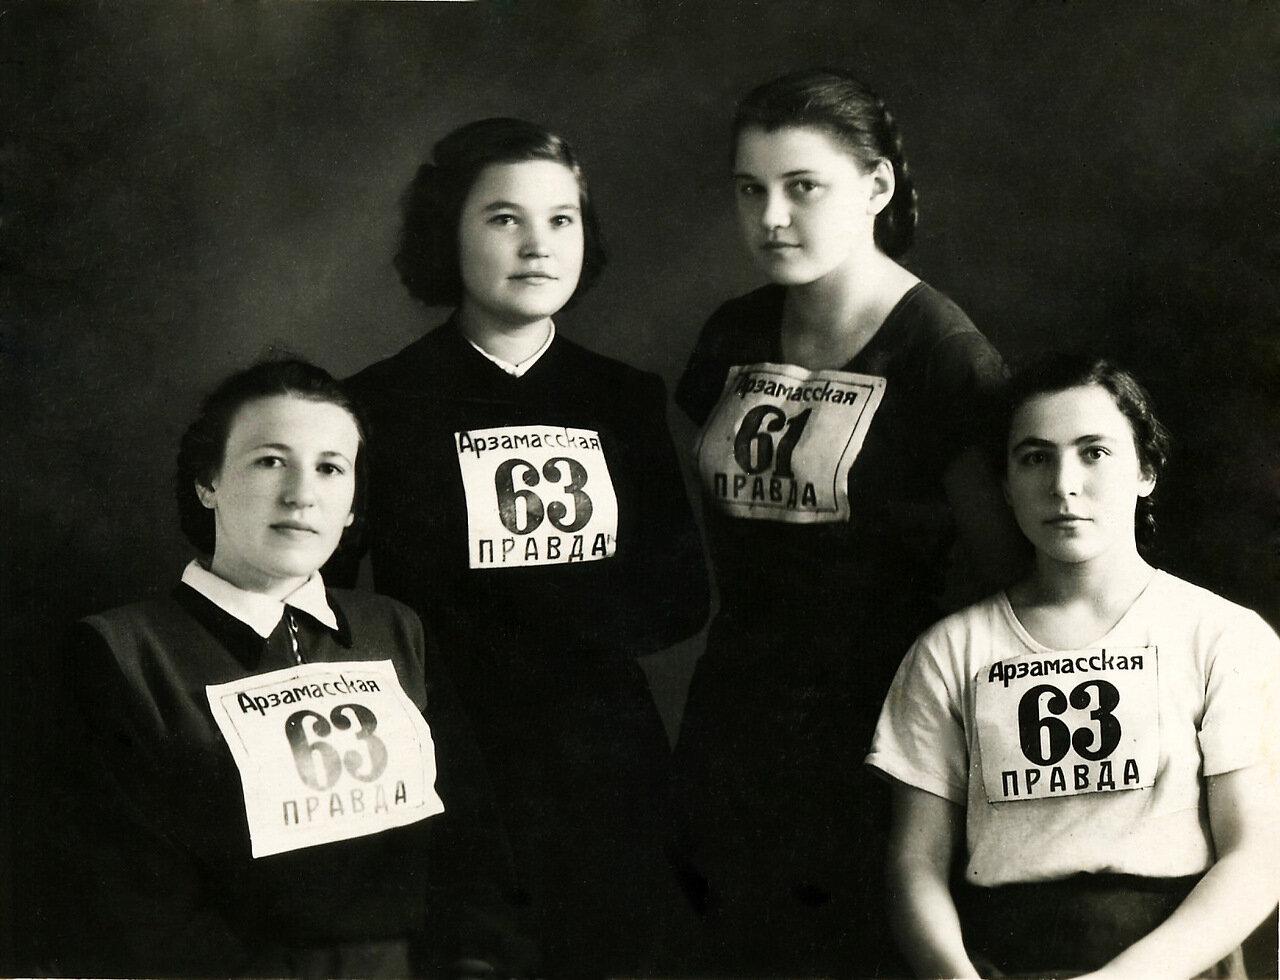 1953.18 октября - день эстафетного пробега на приз газеты Арзамасская правда. Римма Т., Аня К., Галя К., Вера Б.